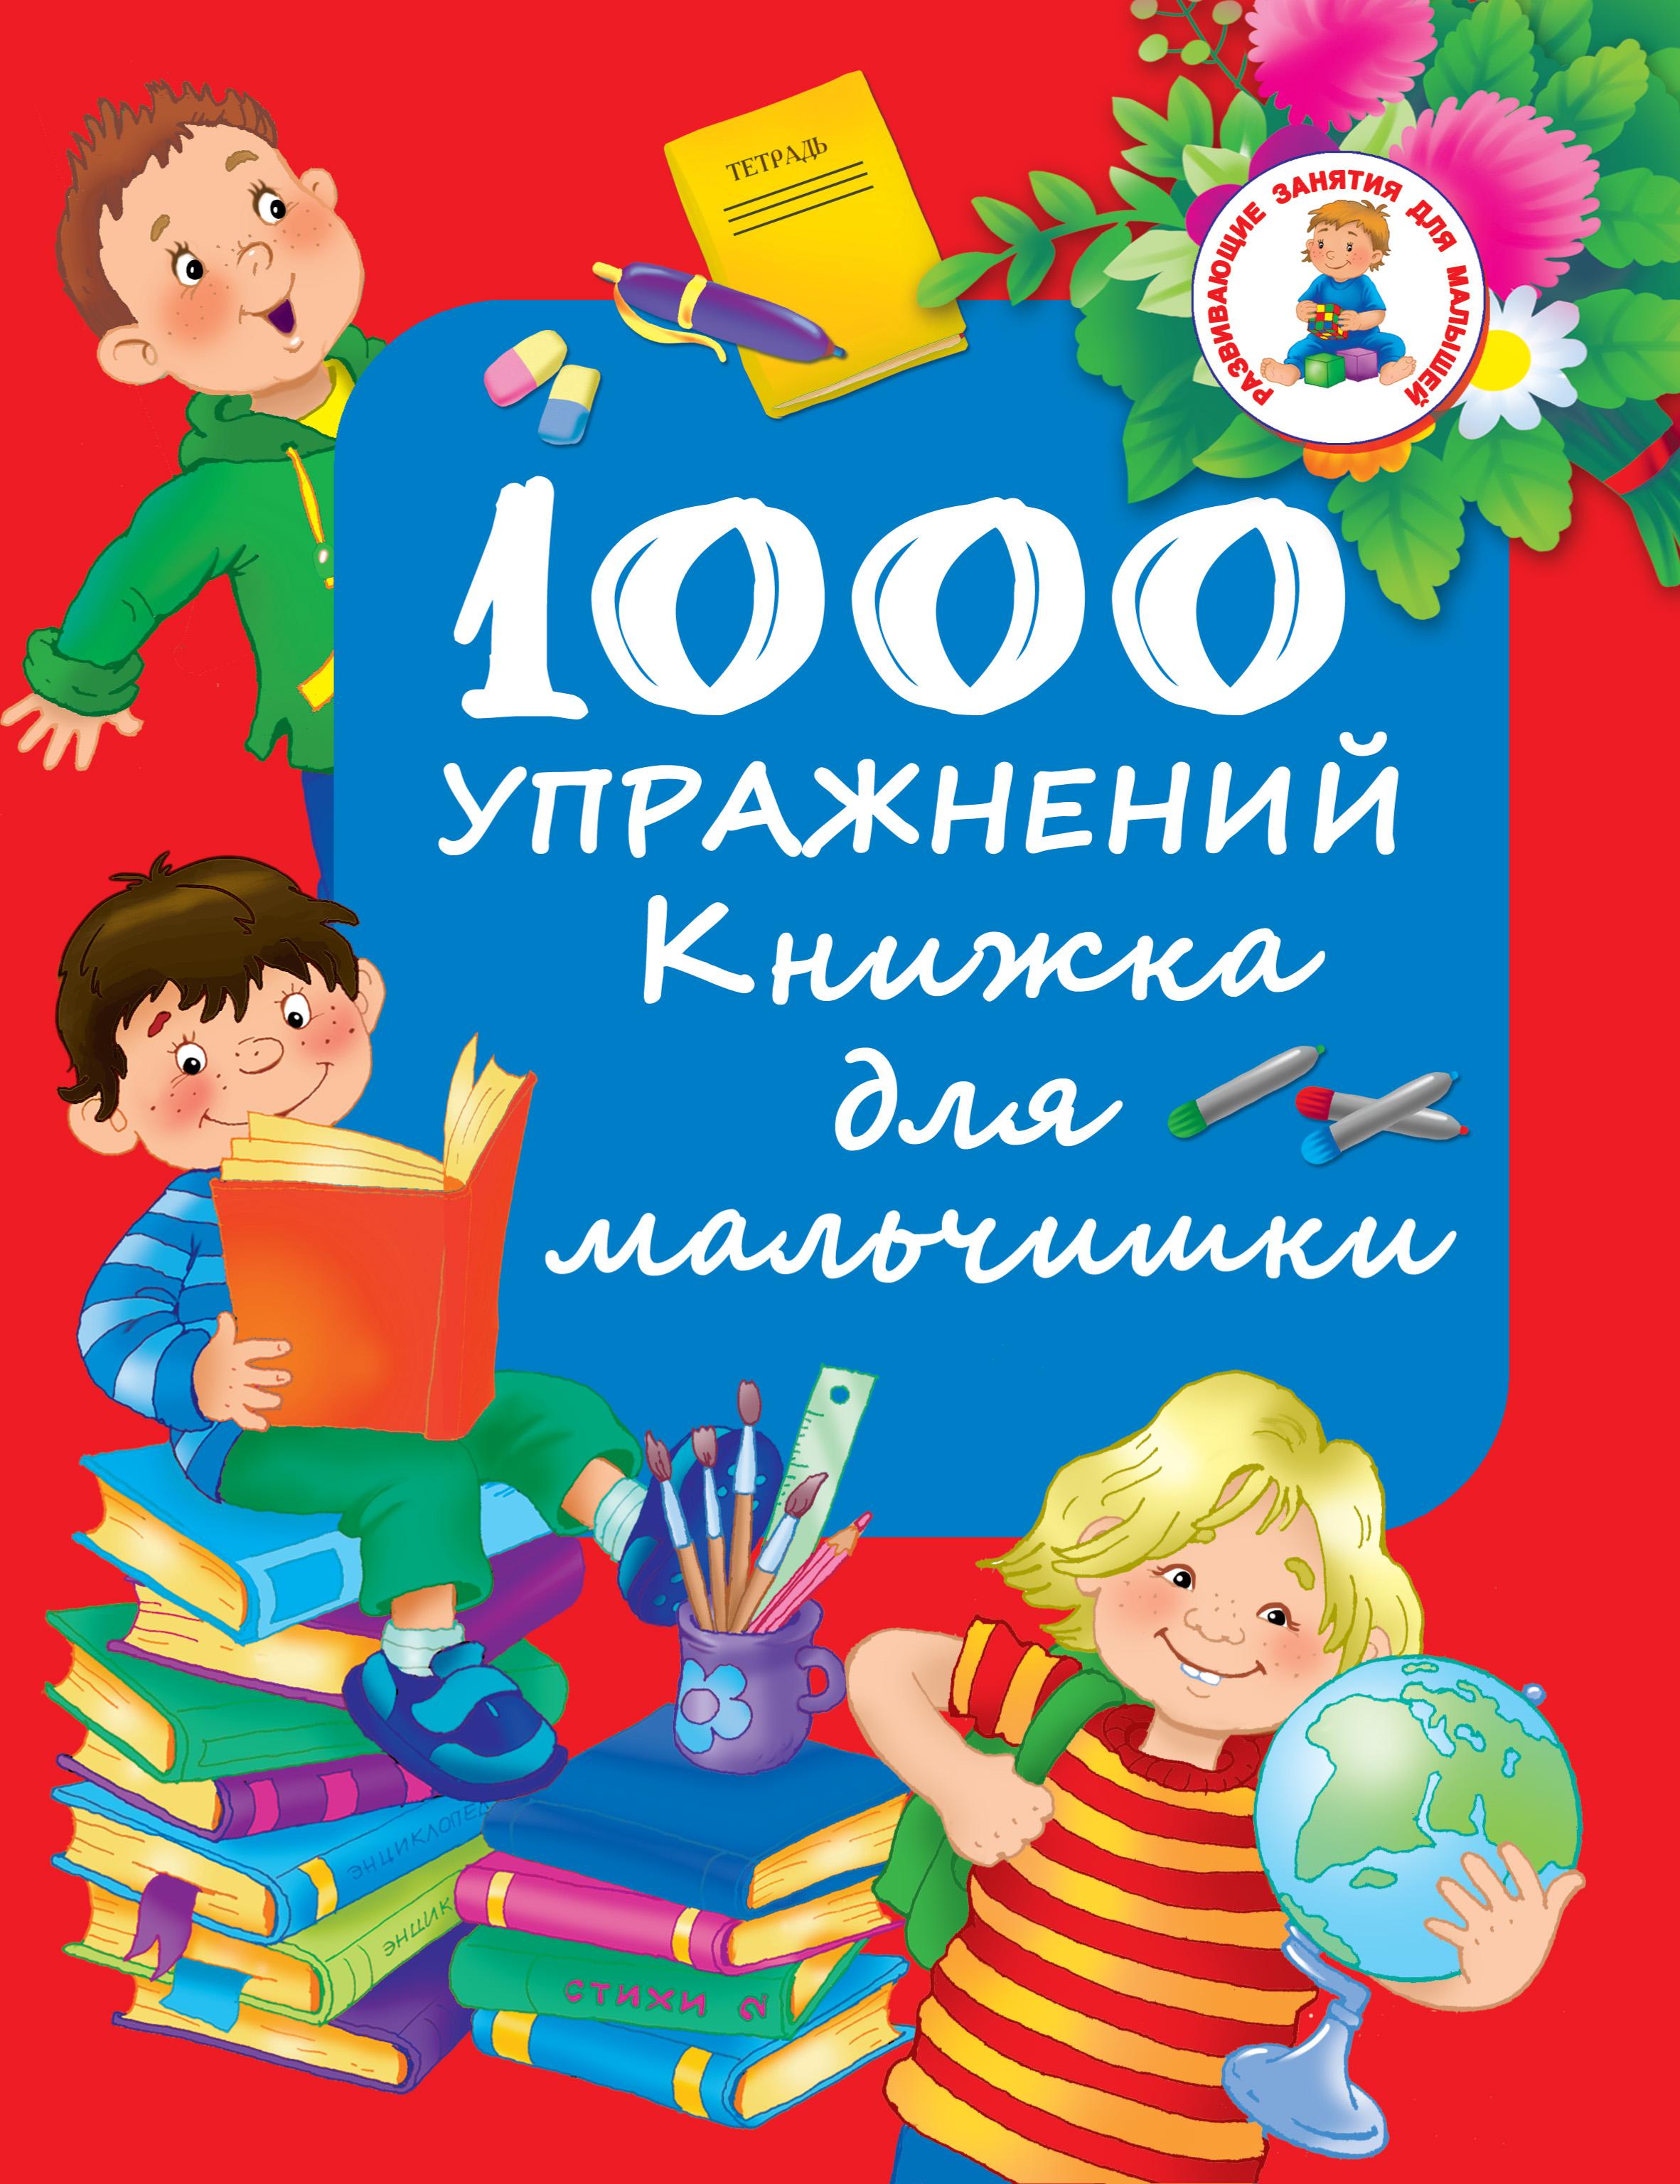 Отсутствует 1000 упражнений. Книжка для мальчишки карандаш картинки для детей нарисованные